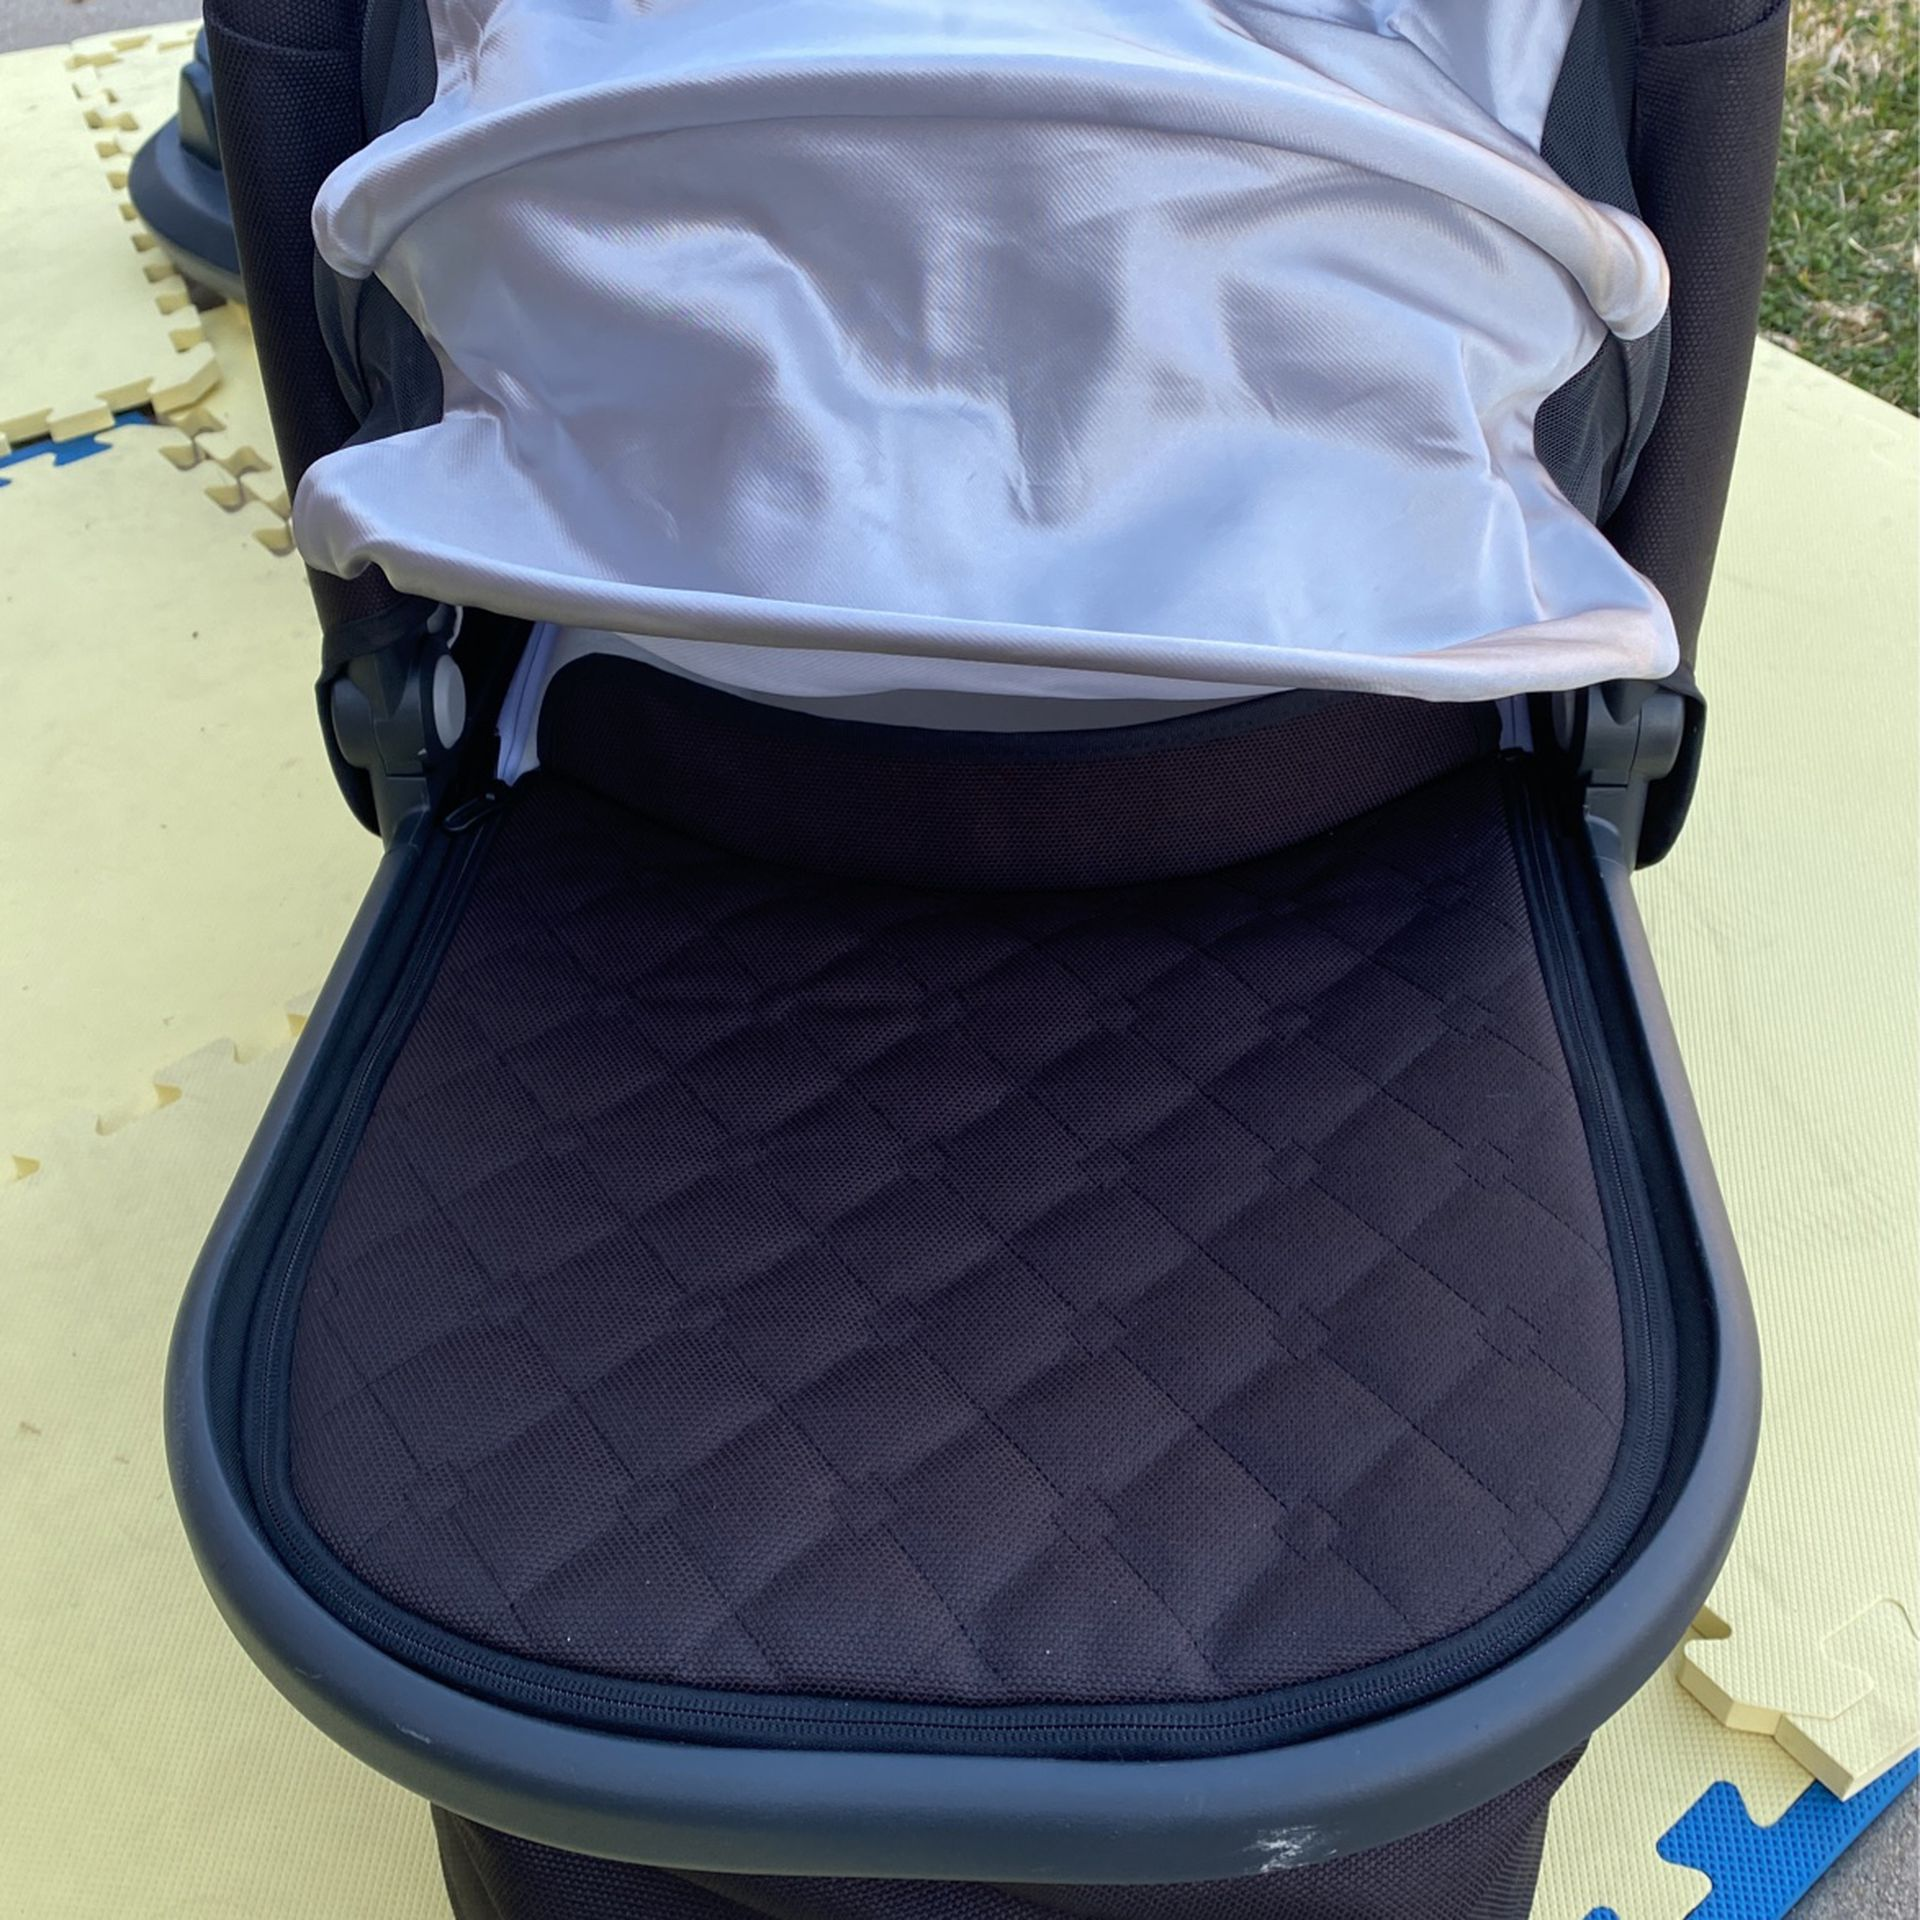 UPPAbaby Stroller Bassinet for VISTA or CRUZ Stroller